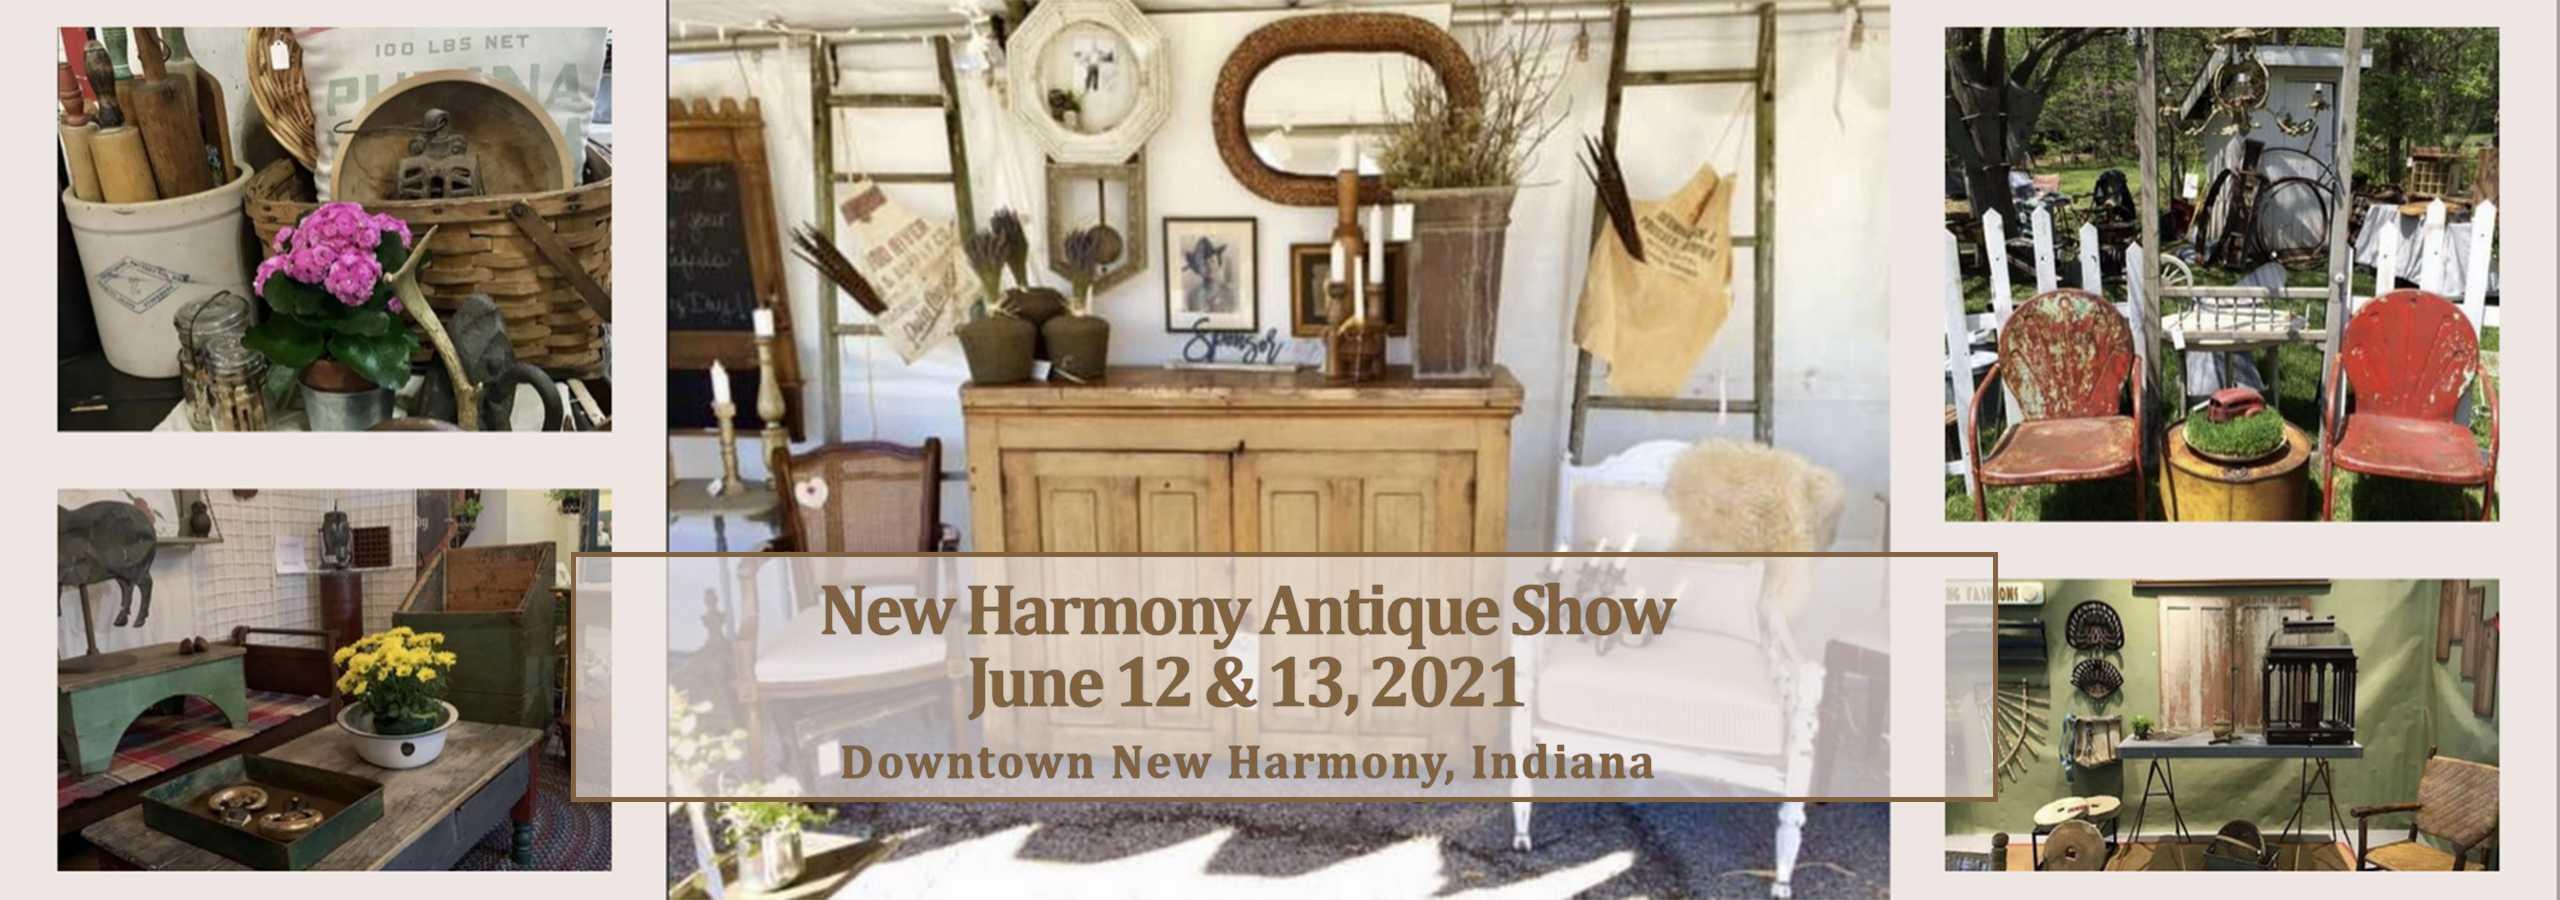 New Harmony Antique Show